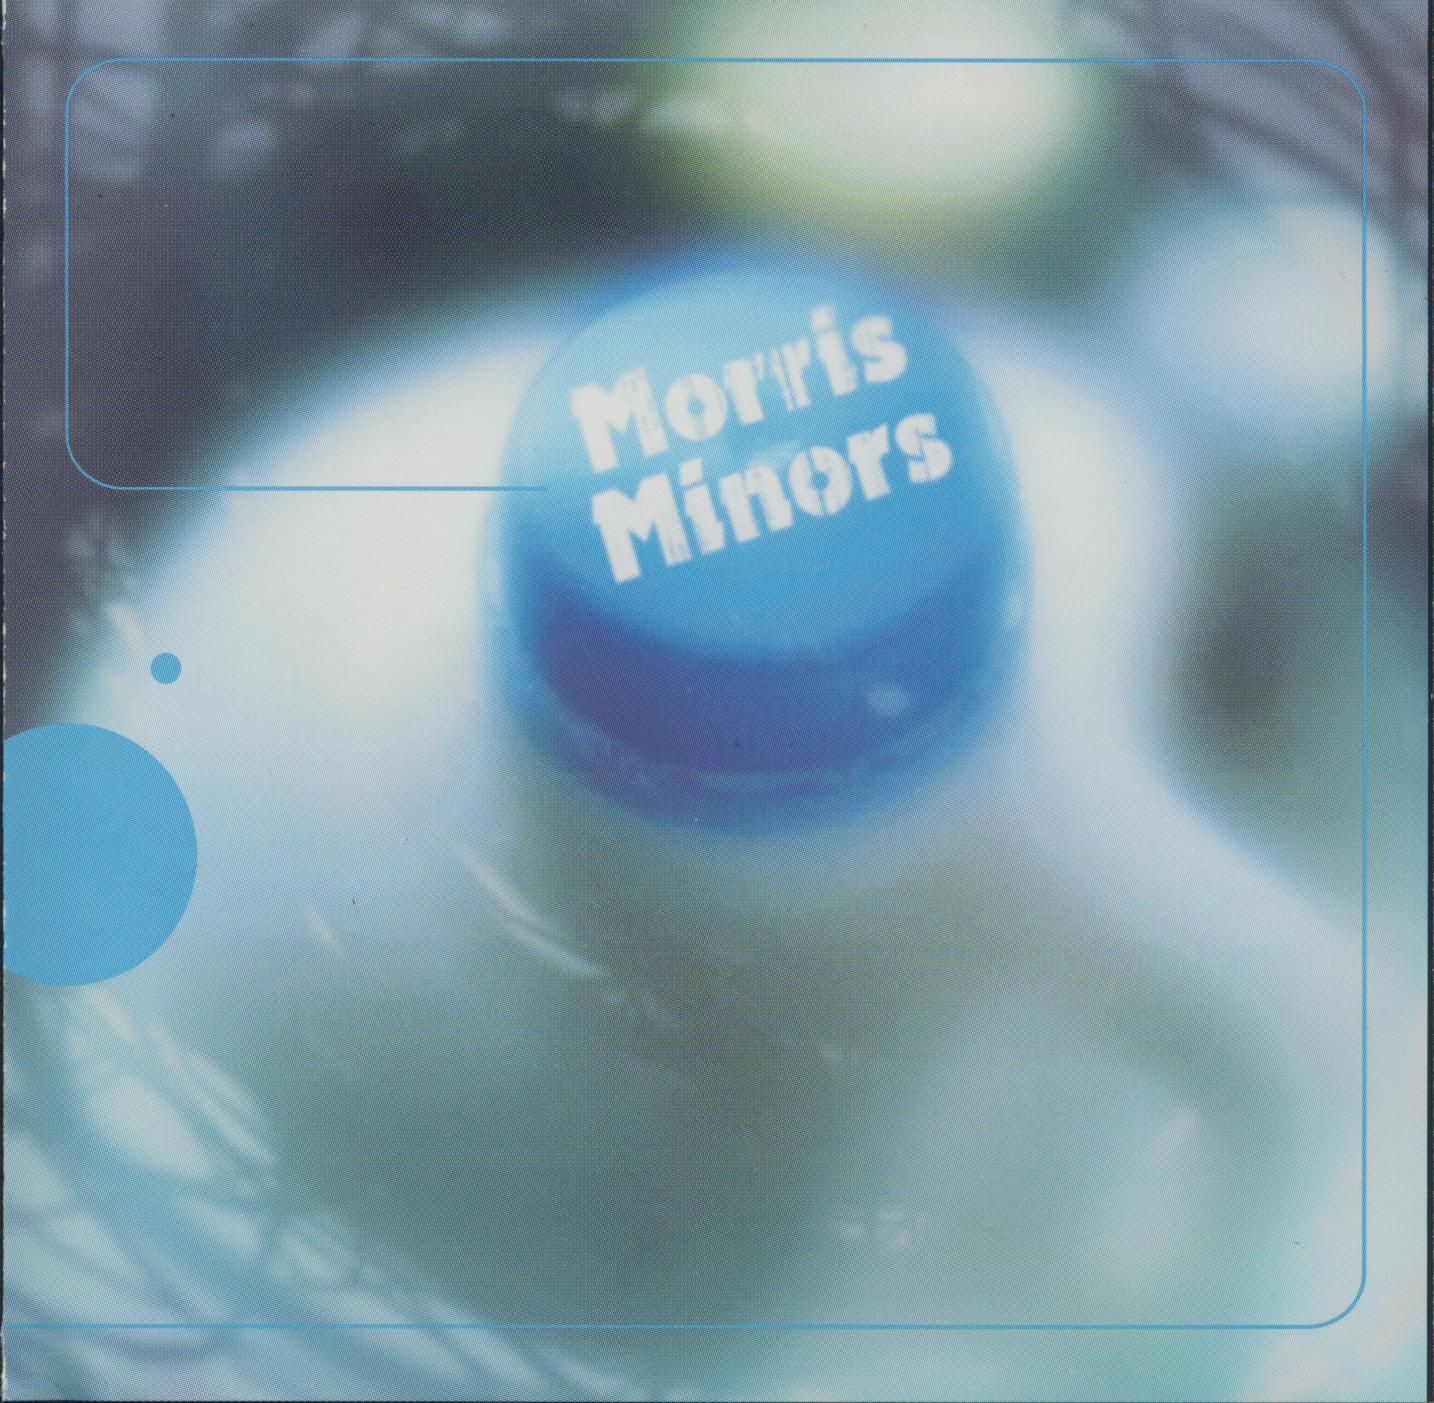 Morris Minors Album Artwork